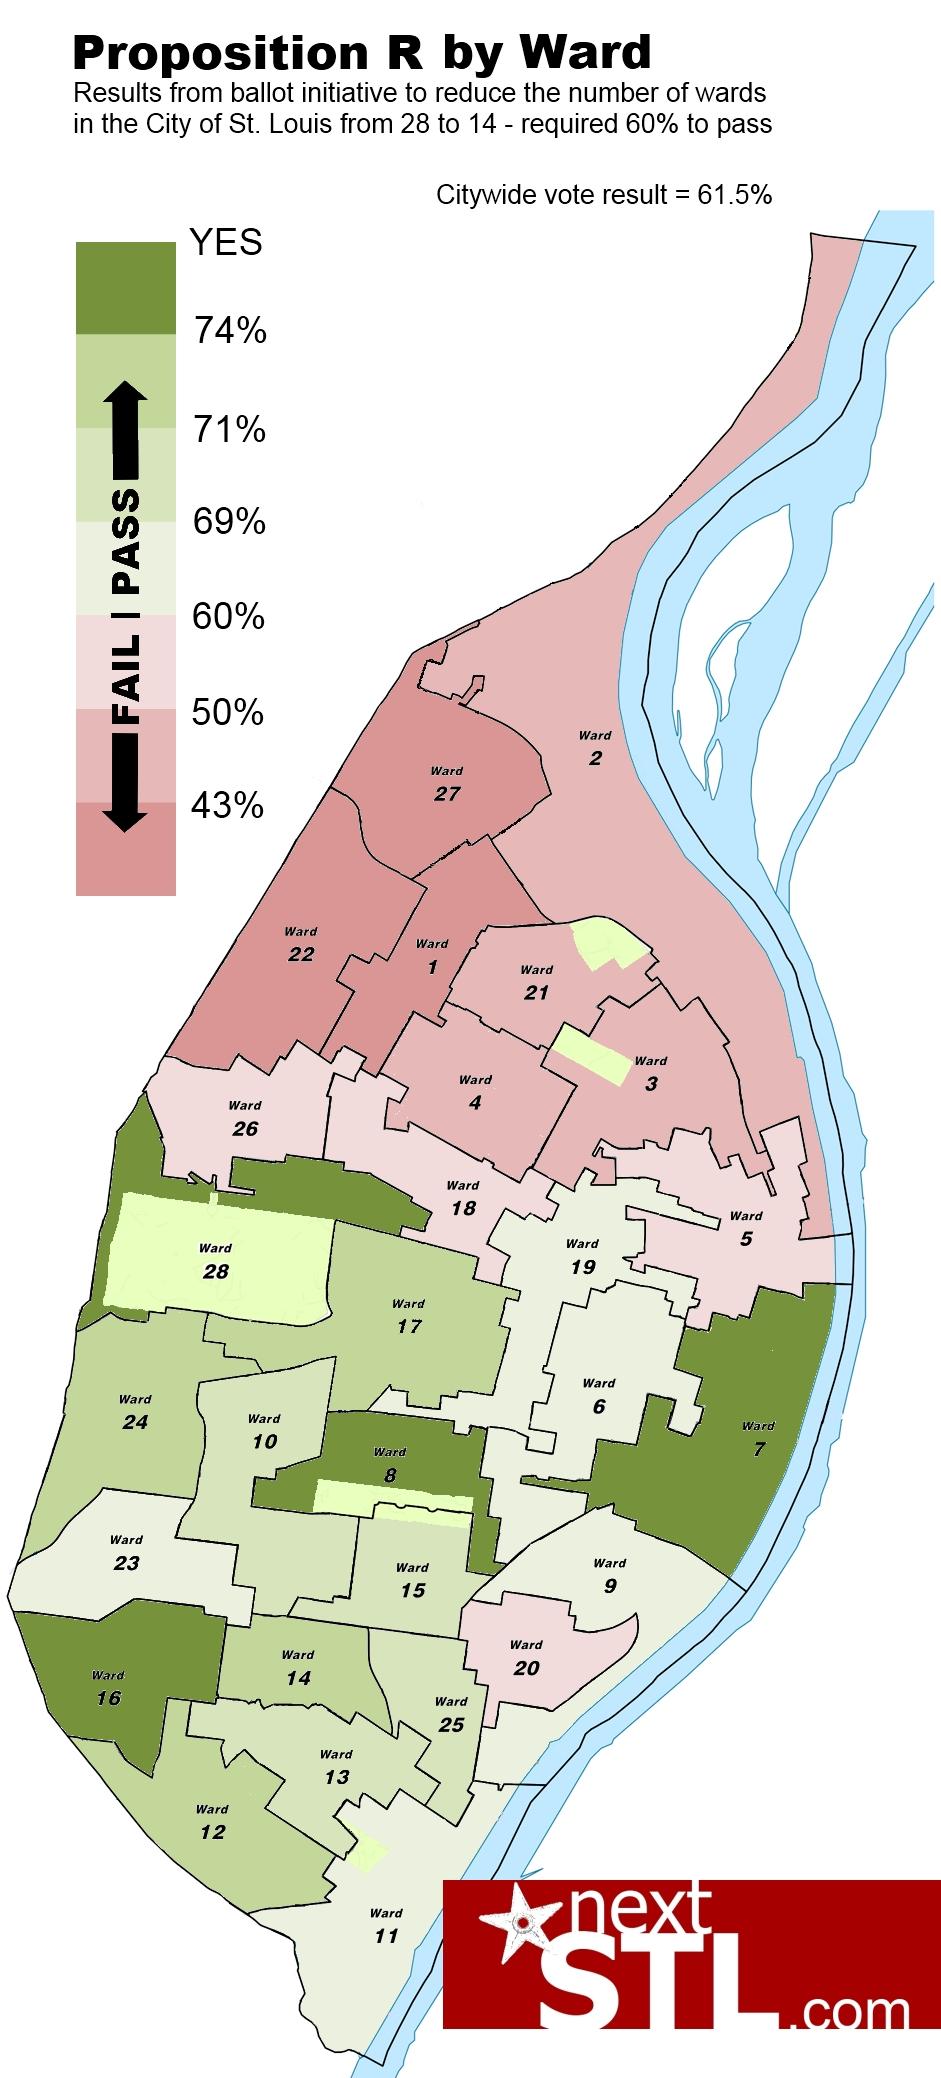 ward map_PropR_color2